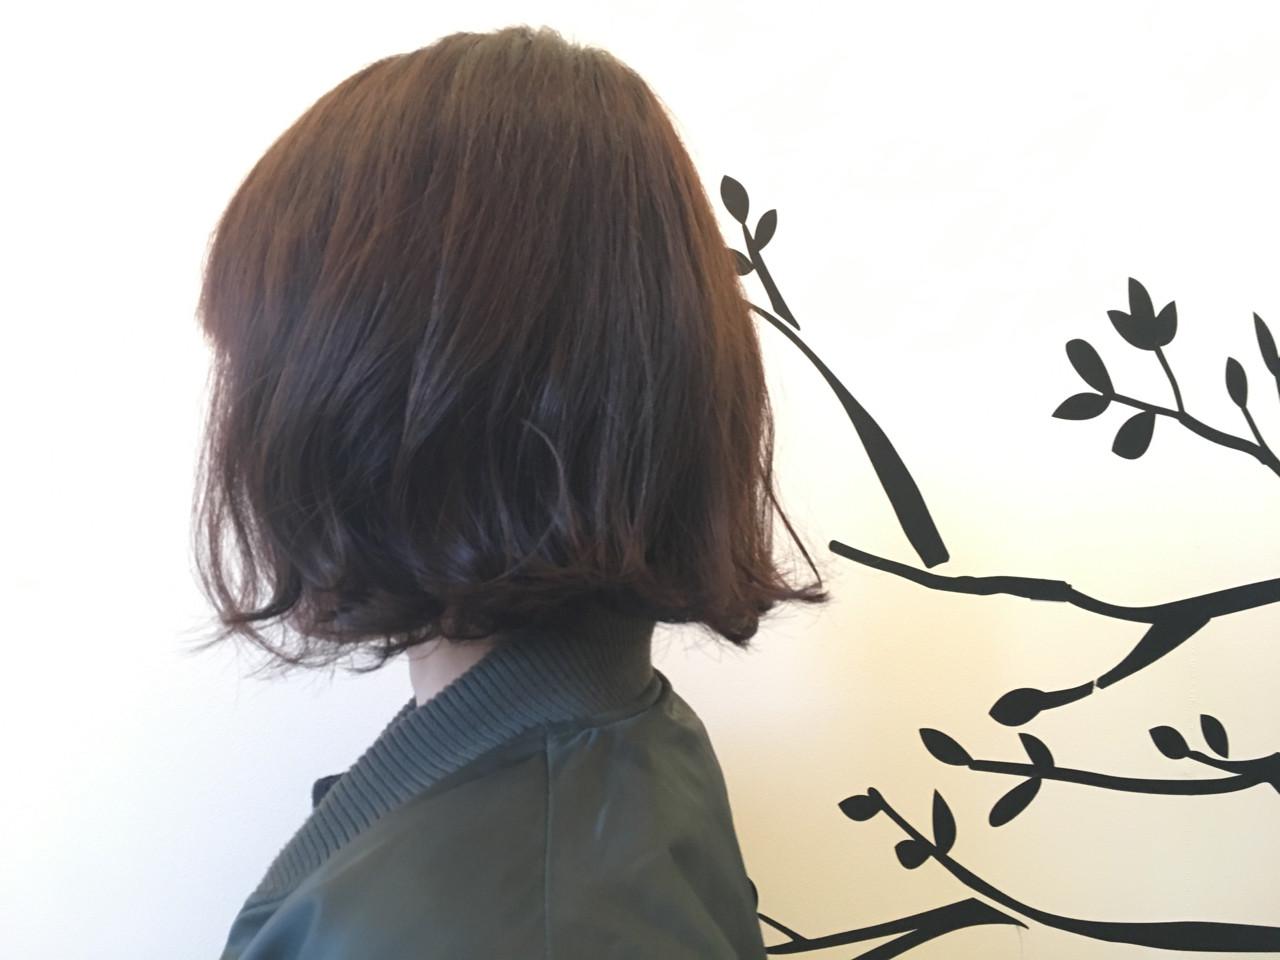 ボブ パーマ ガーリー 切りっぱなし ヘアスタイルや髪型の写真・画像